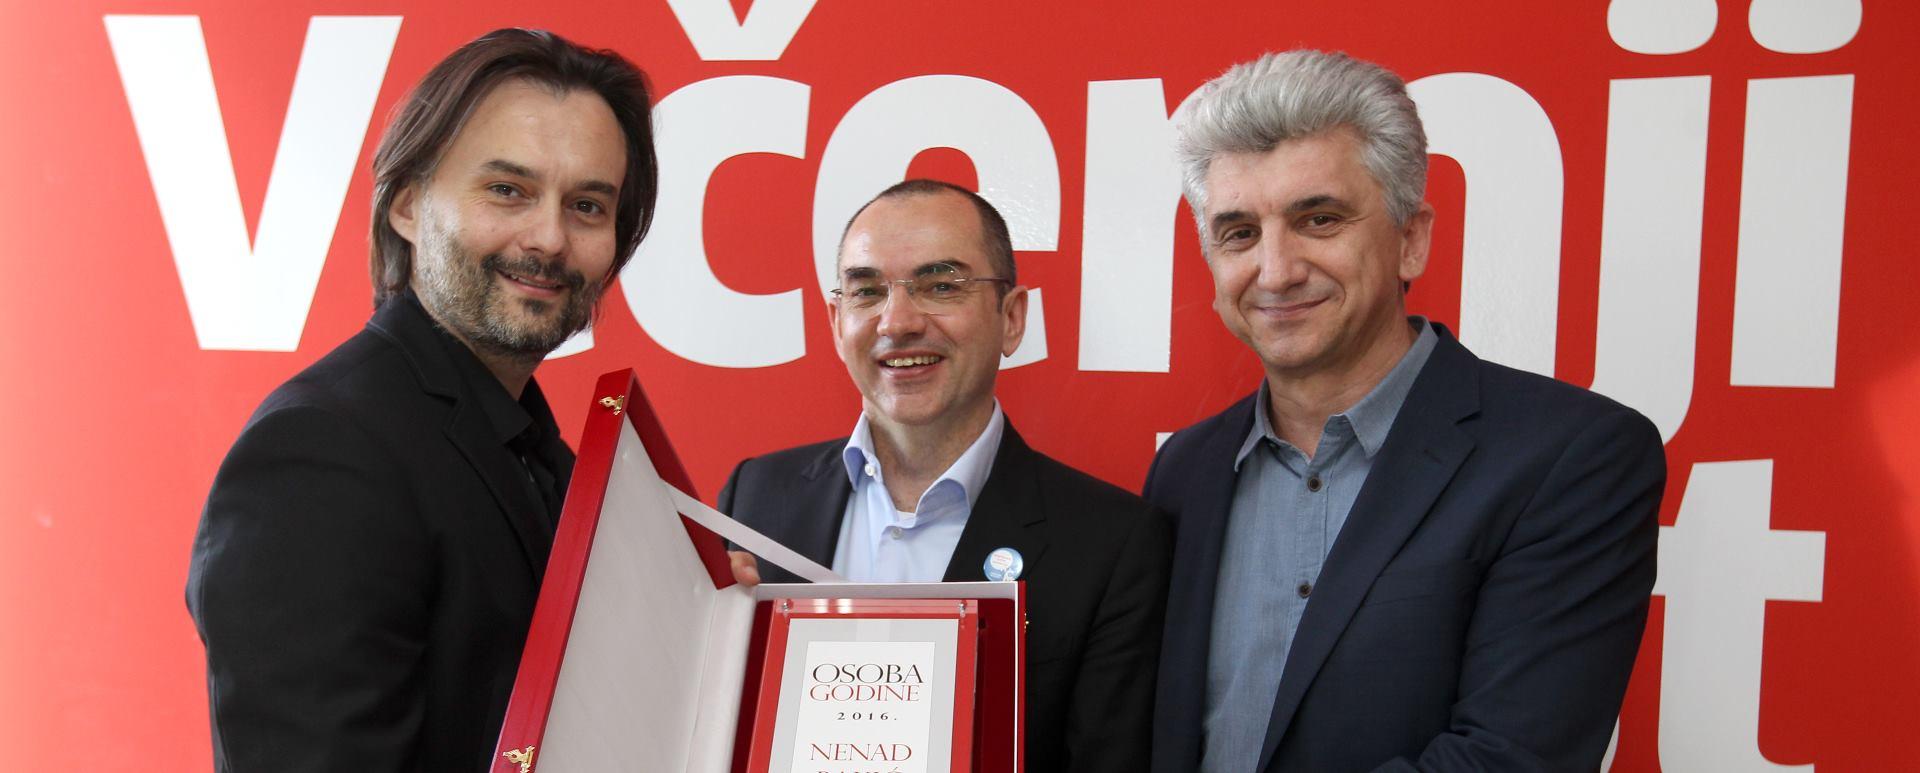 Poduzetnik Nenad Bakić je osoba 2016. godine prema izboru Večernjeg lista